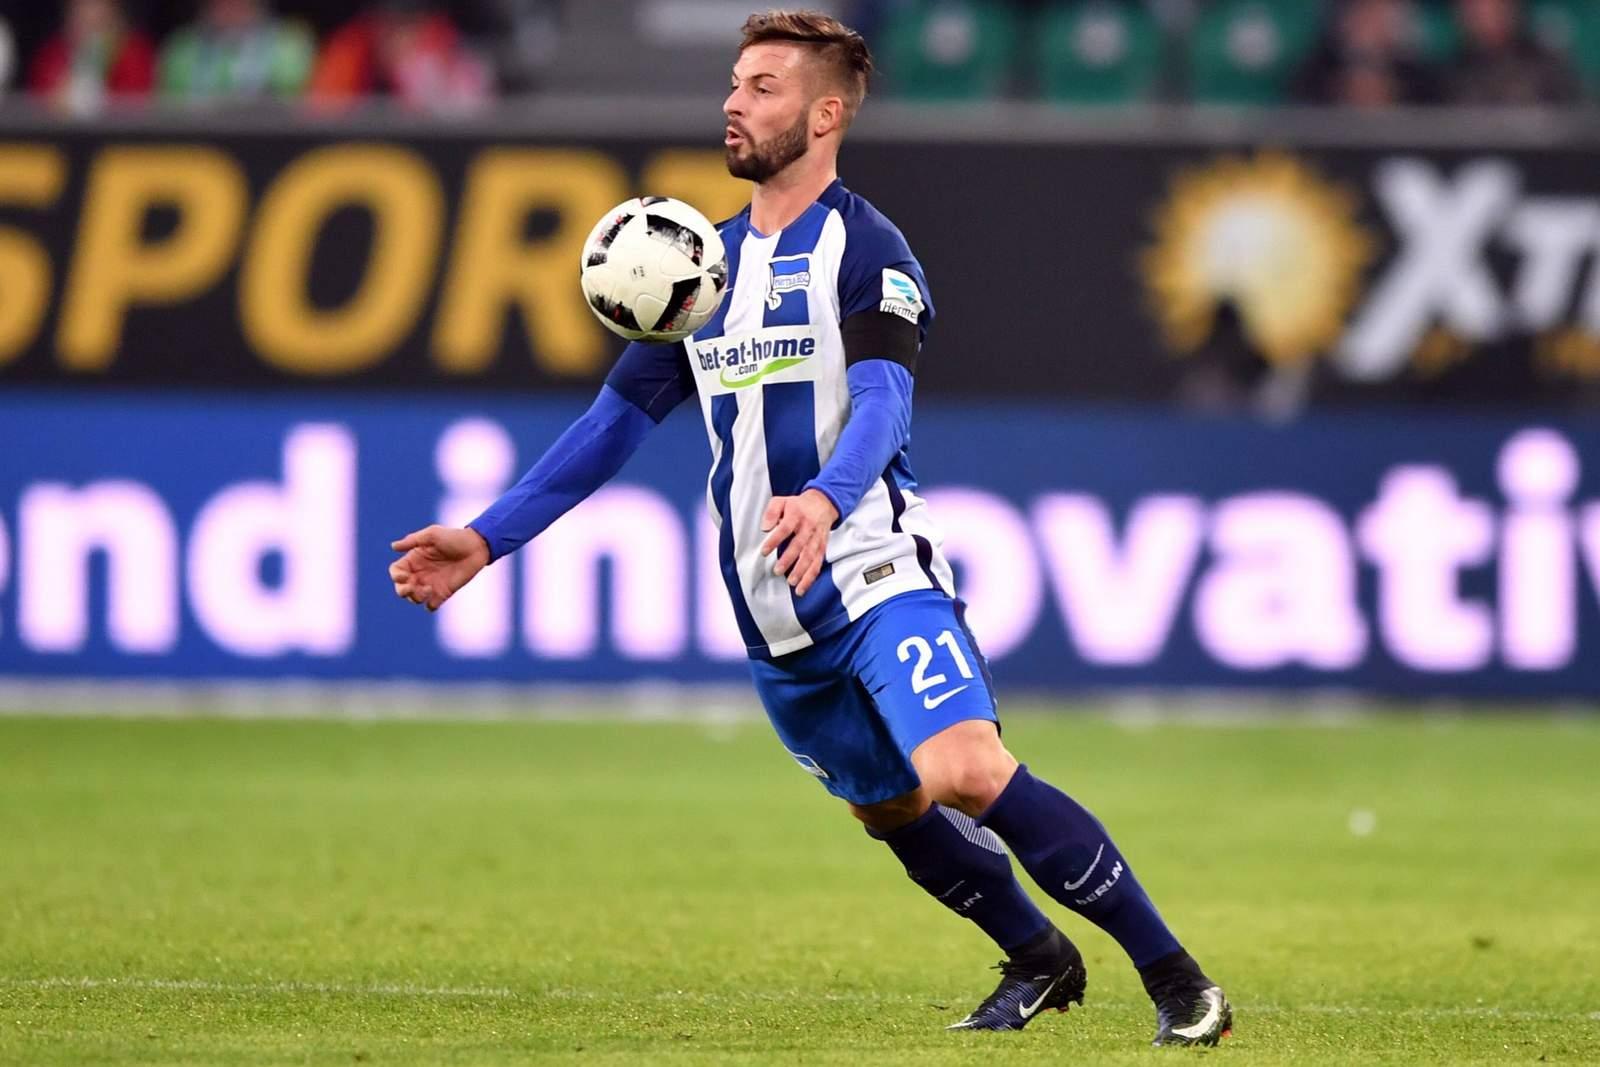 Marvin Plattenhardt nimmt den Ball mit der Brust an. Jetzt auf Leipzig gegen Hertha BSC wetten!